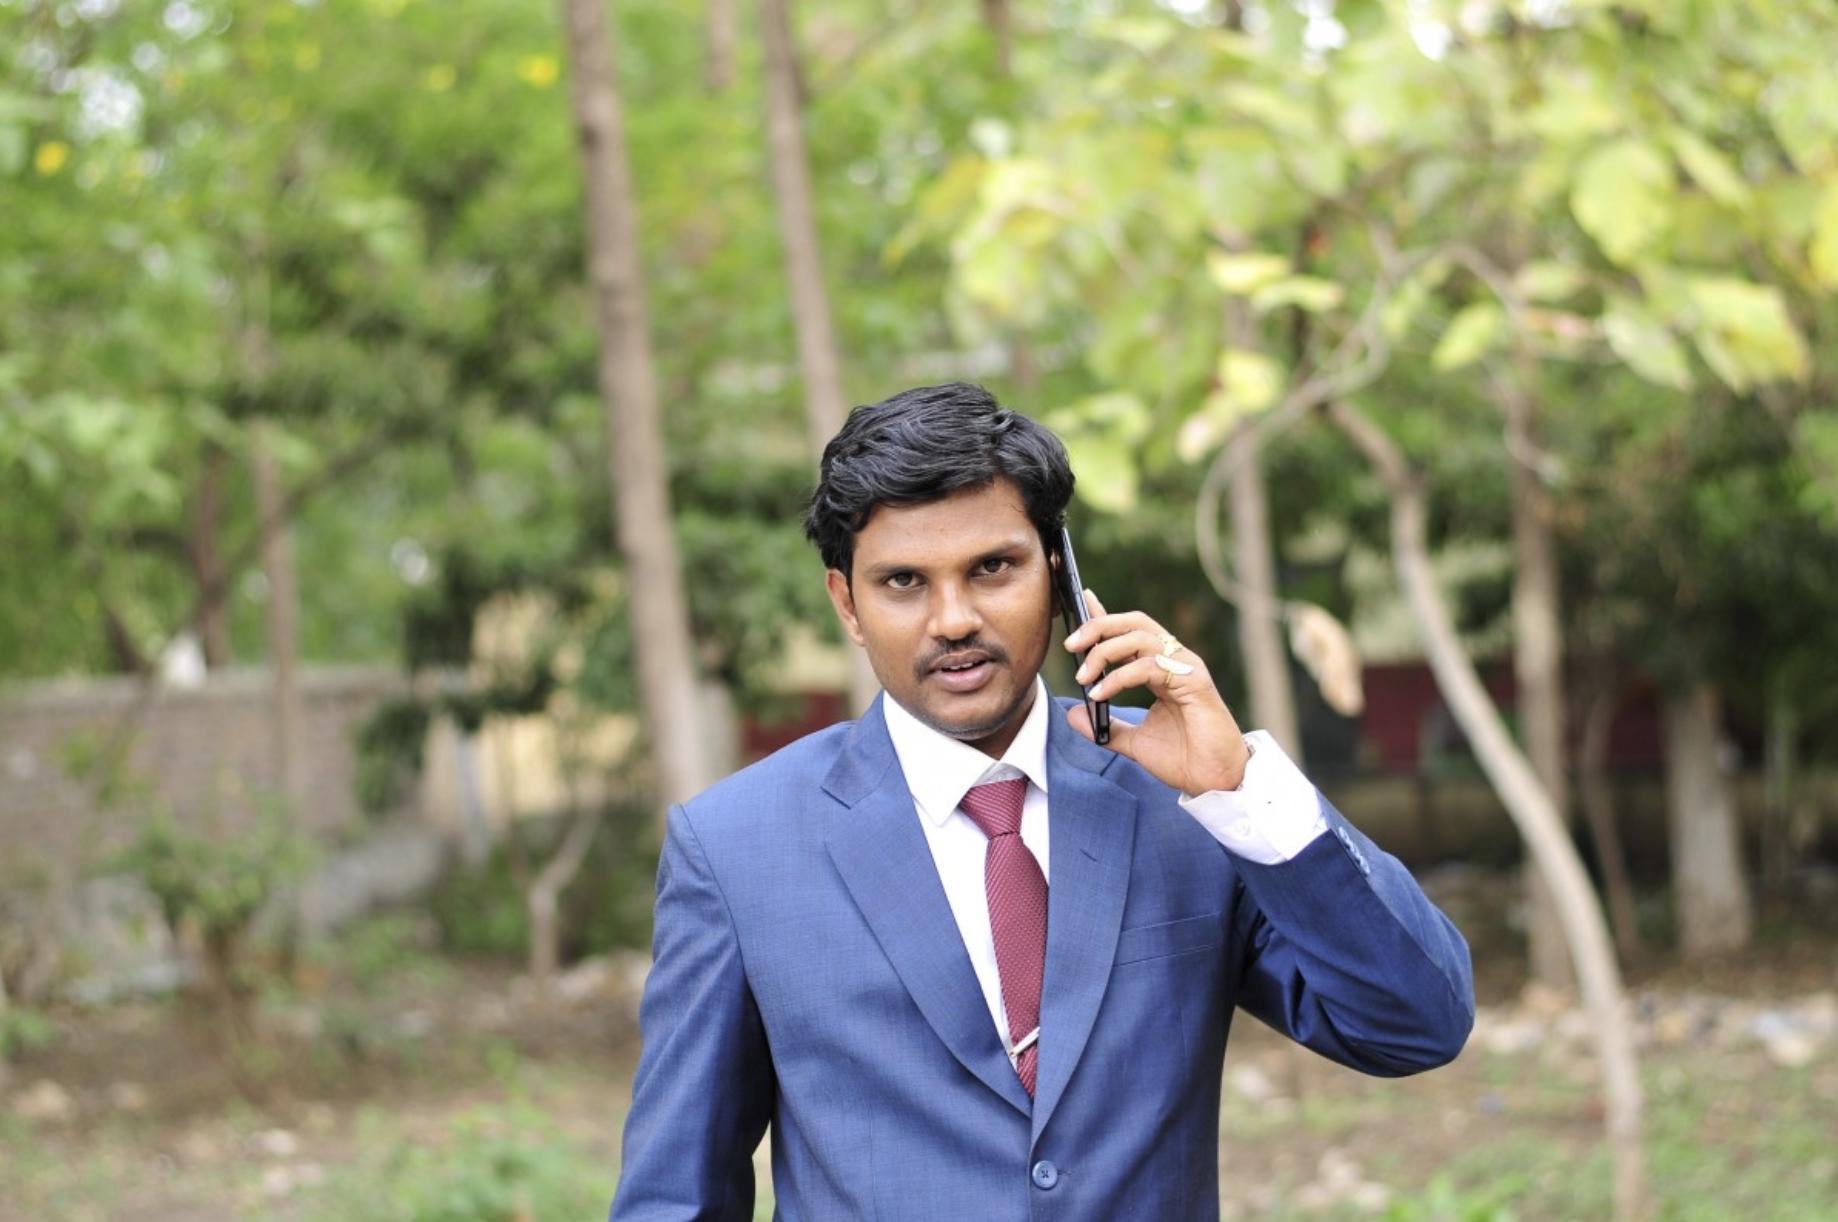 Indian businessman - CC0 Public Domain